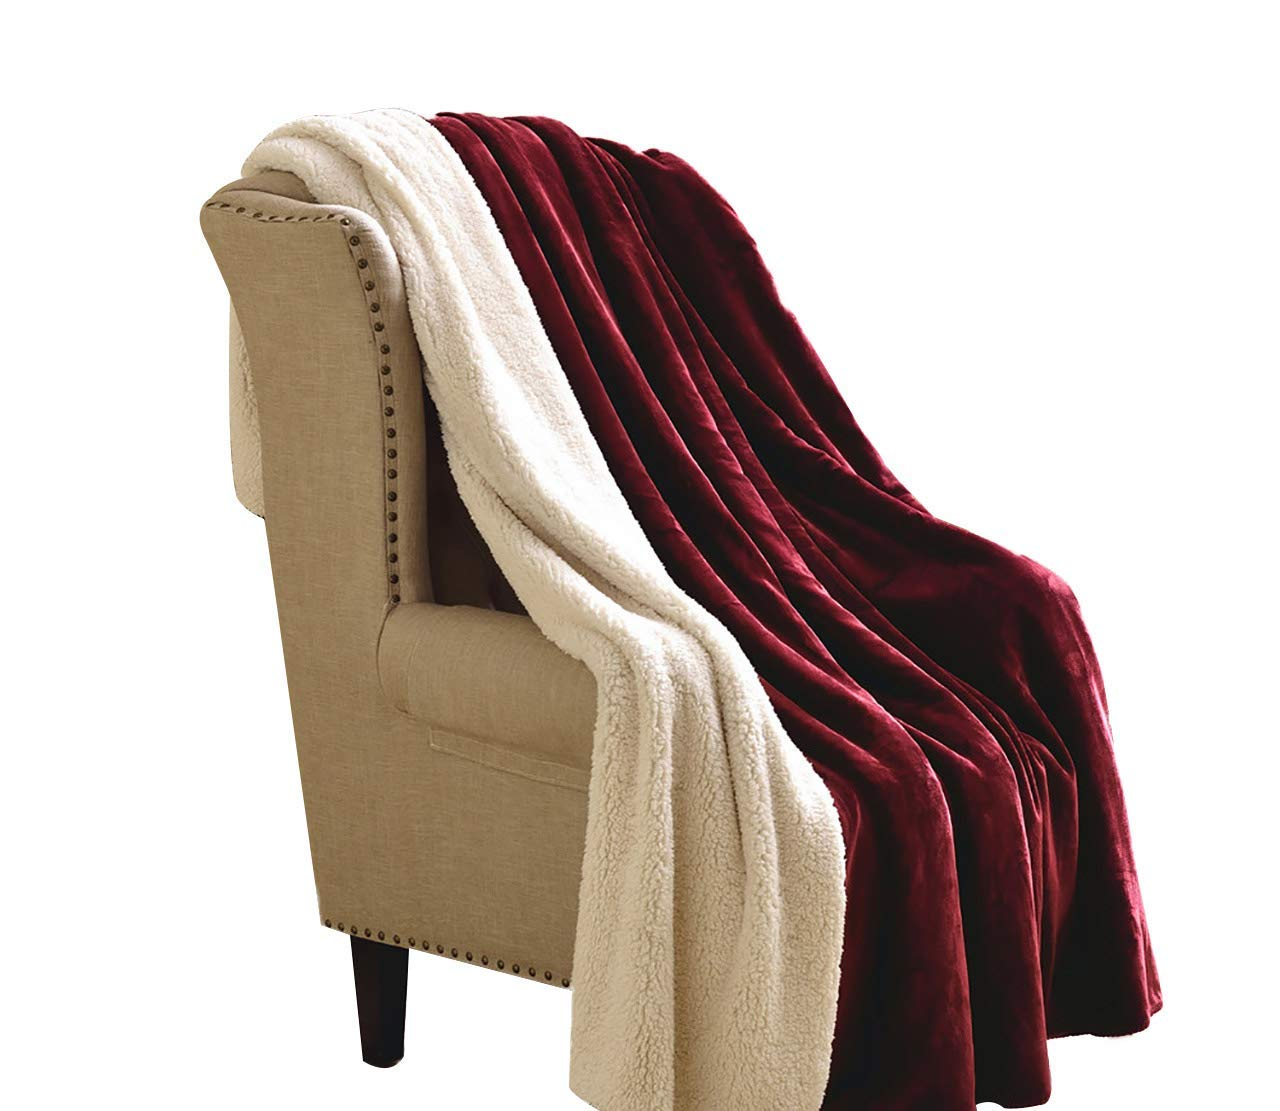 フェイクファー毛布フェイクファー、二重厚く暖かいウール毛布冬毛布コーラルブランケットキルトシングルダブル毛布(色:A、サイズ:200× 230 cm) B07QNJ164C